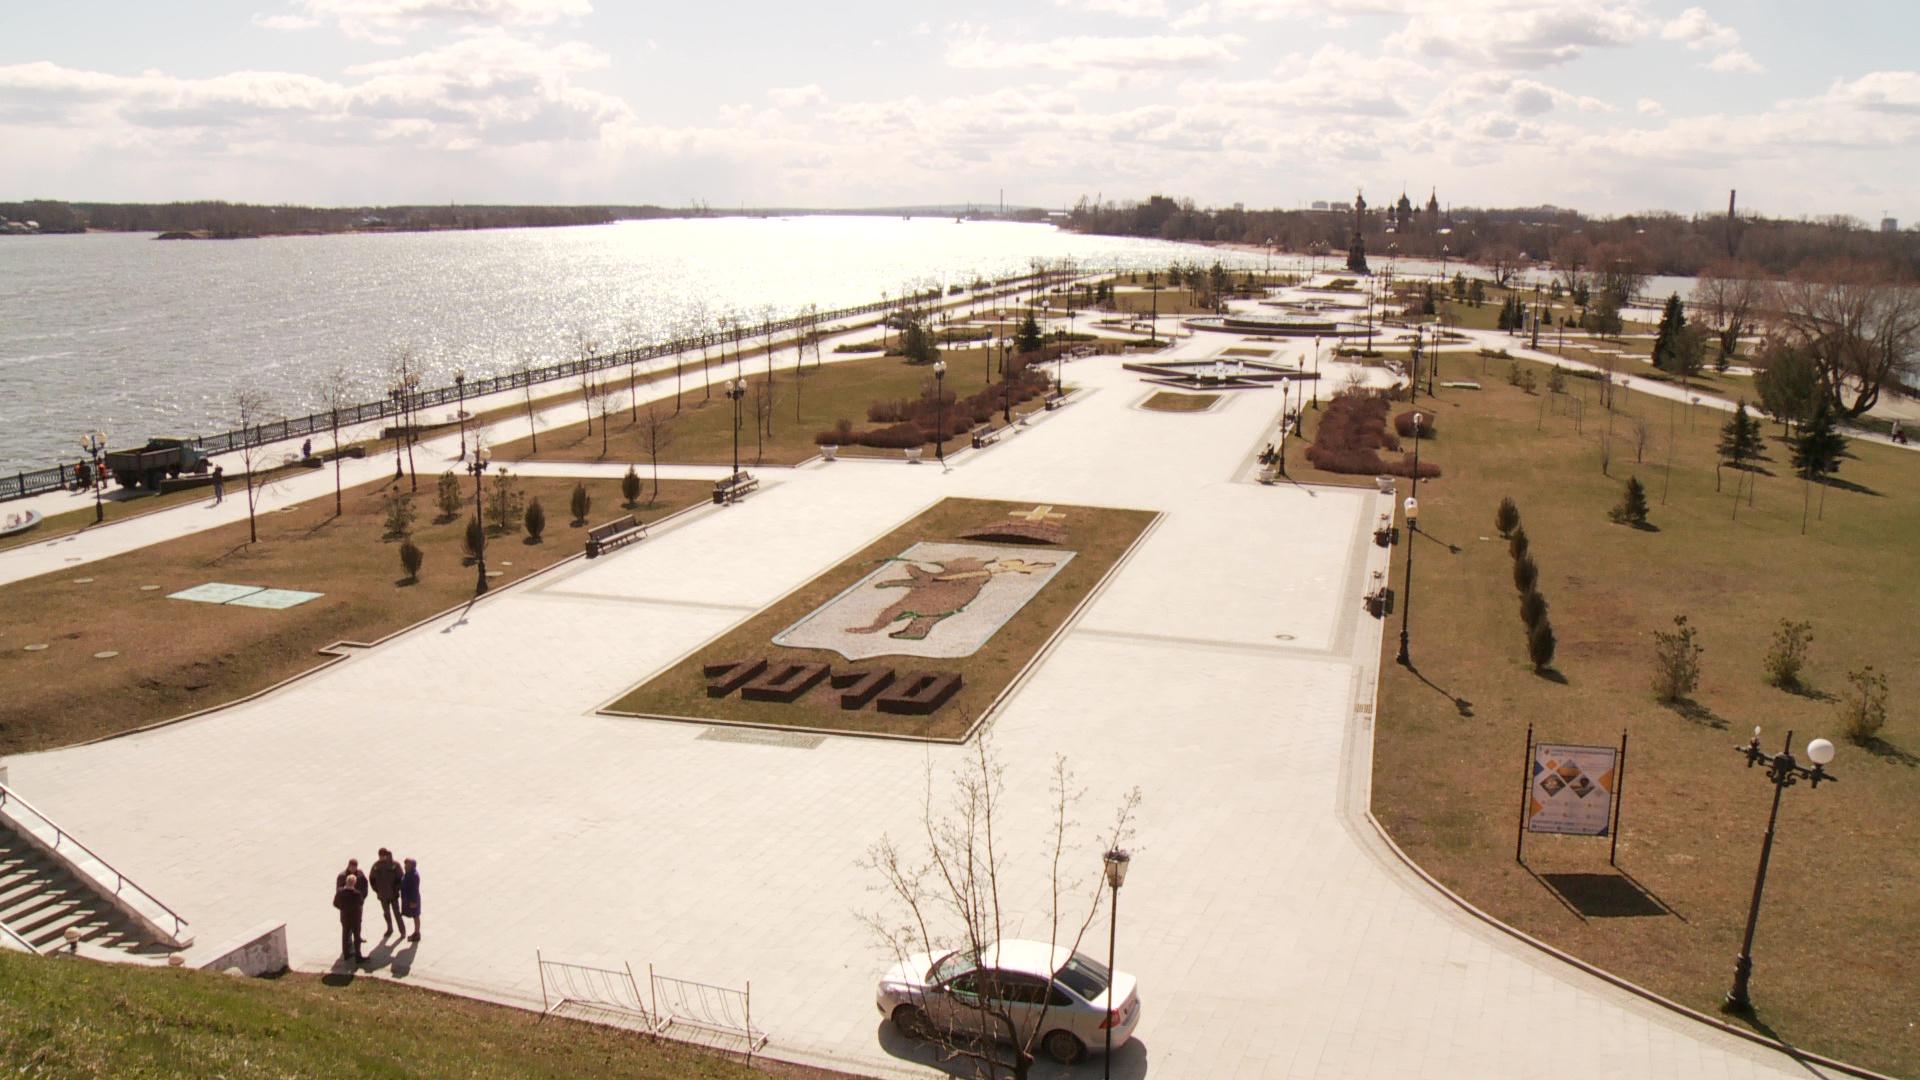 Потеплеет до плюс 21 градуса: синоптики рассказали о погоде на наступившей неделе в Ярославле